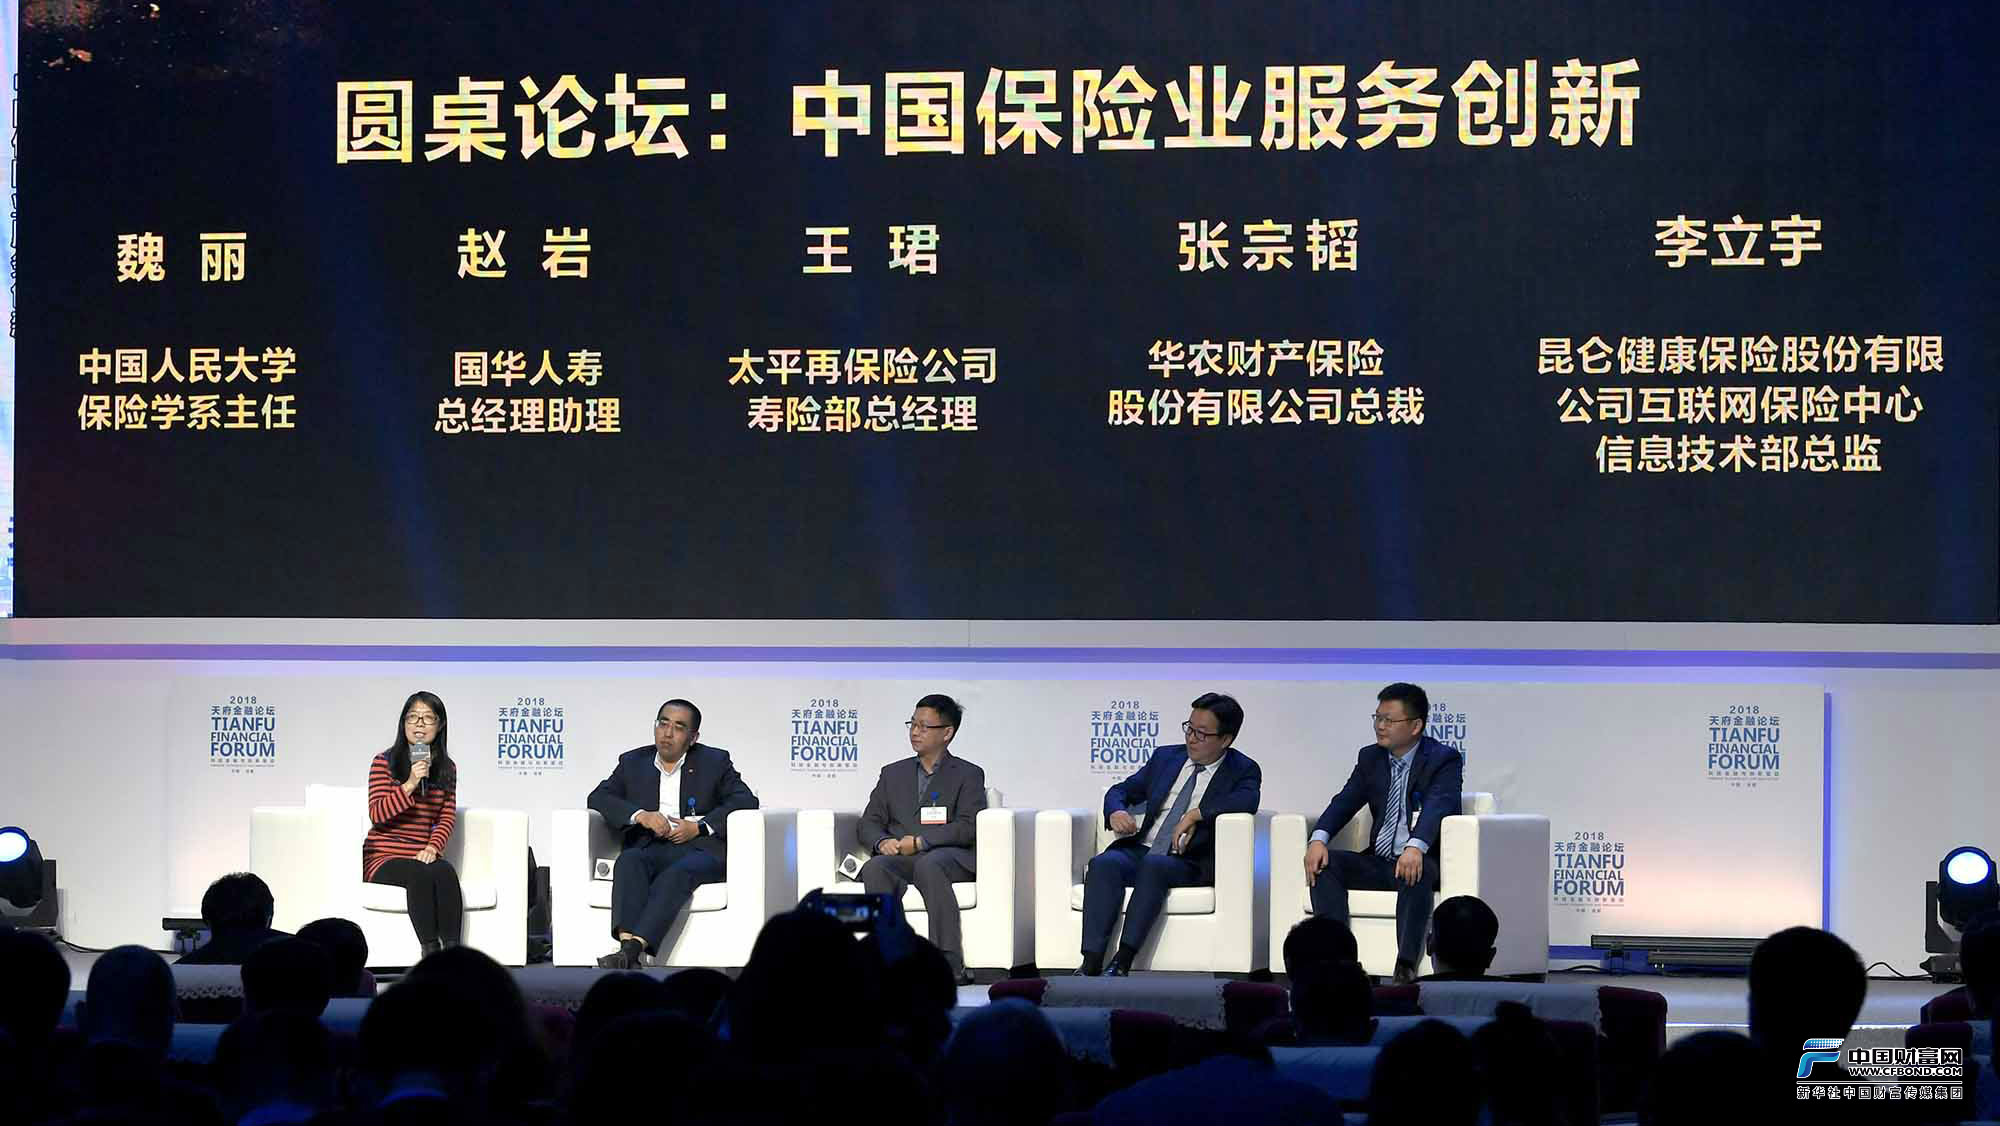 金燕奖圆桌论坛:中国保险业服务创新